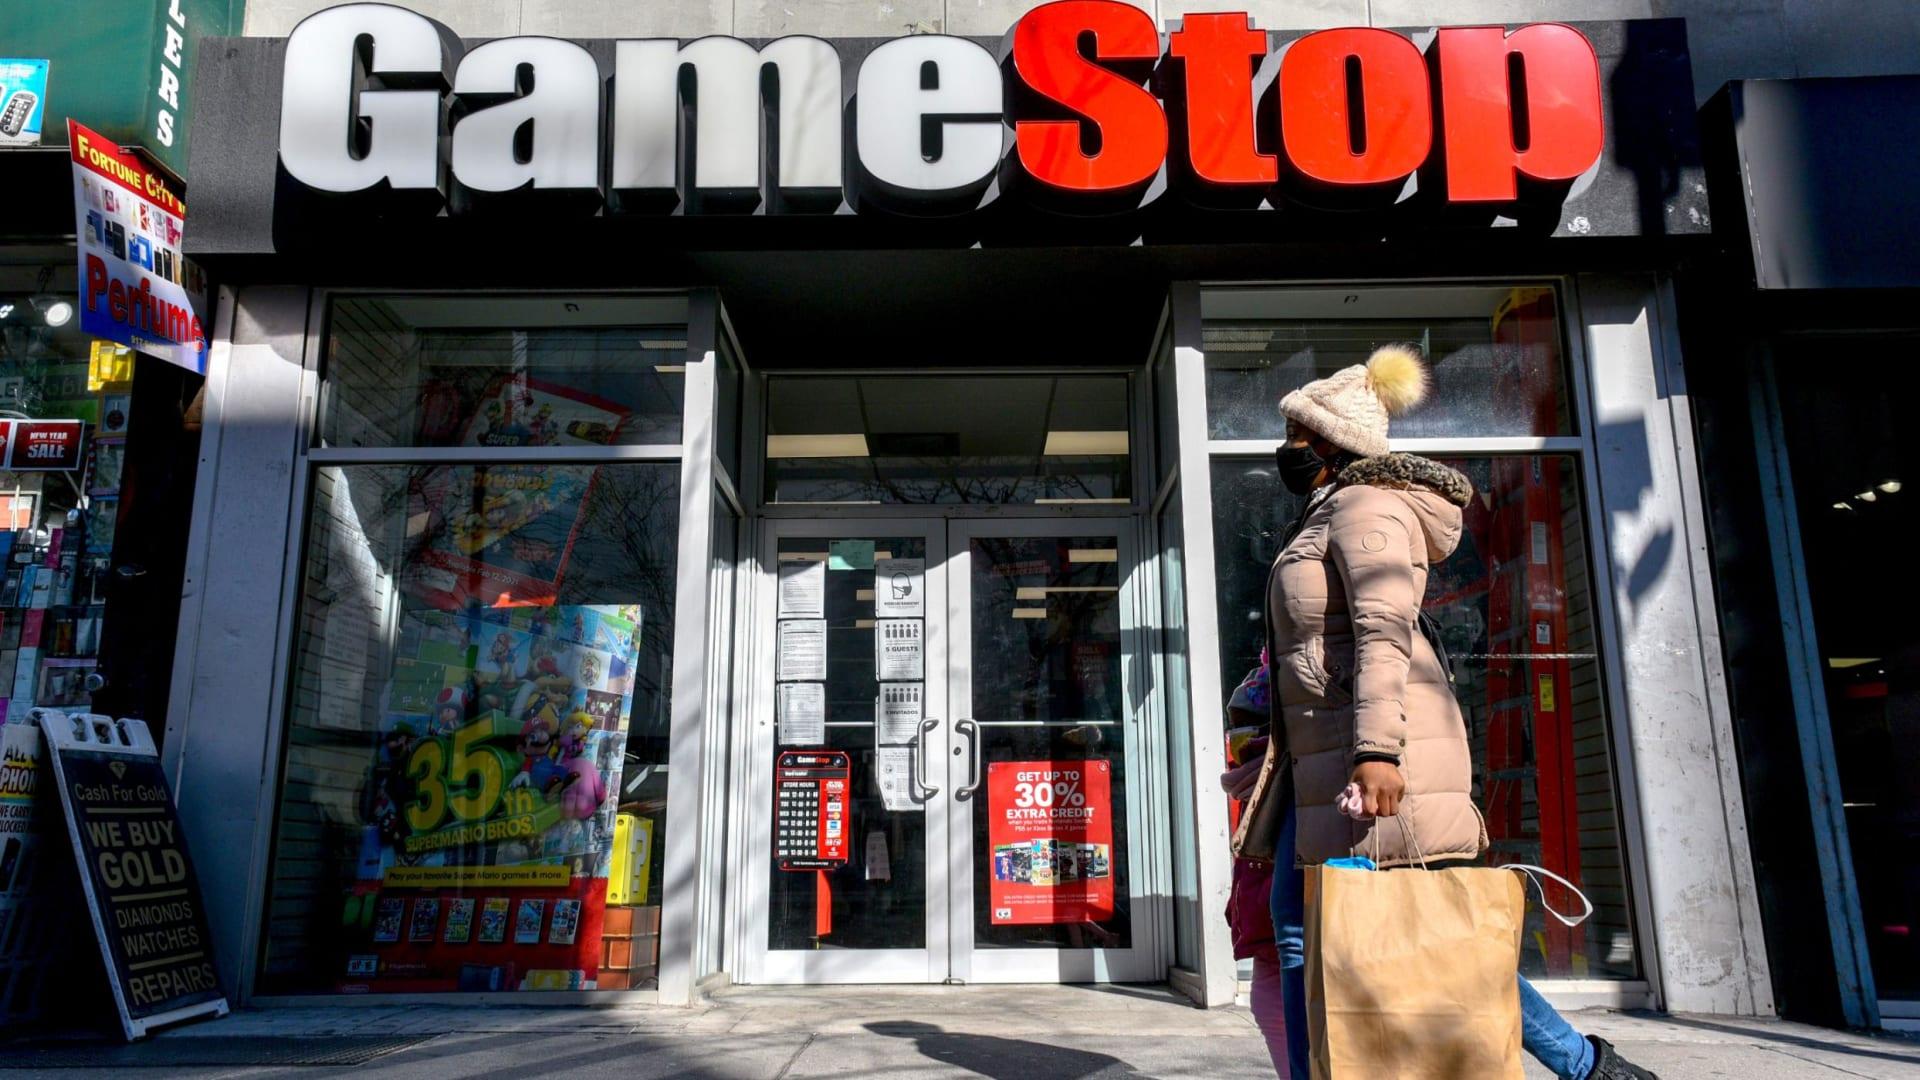 سهم GameStop يرتفع مجدداً بـ67٪ بعد يوم من تضاعفه